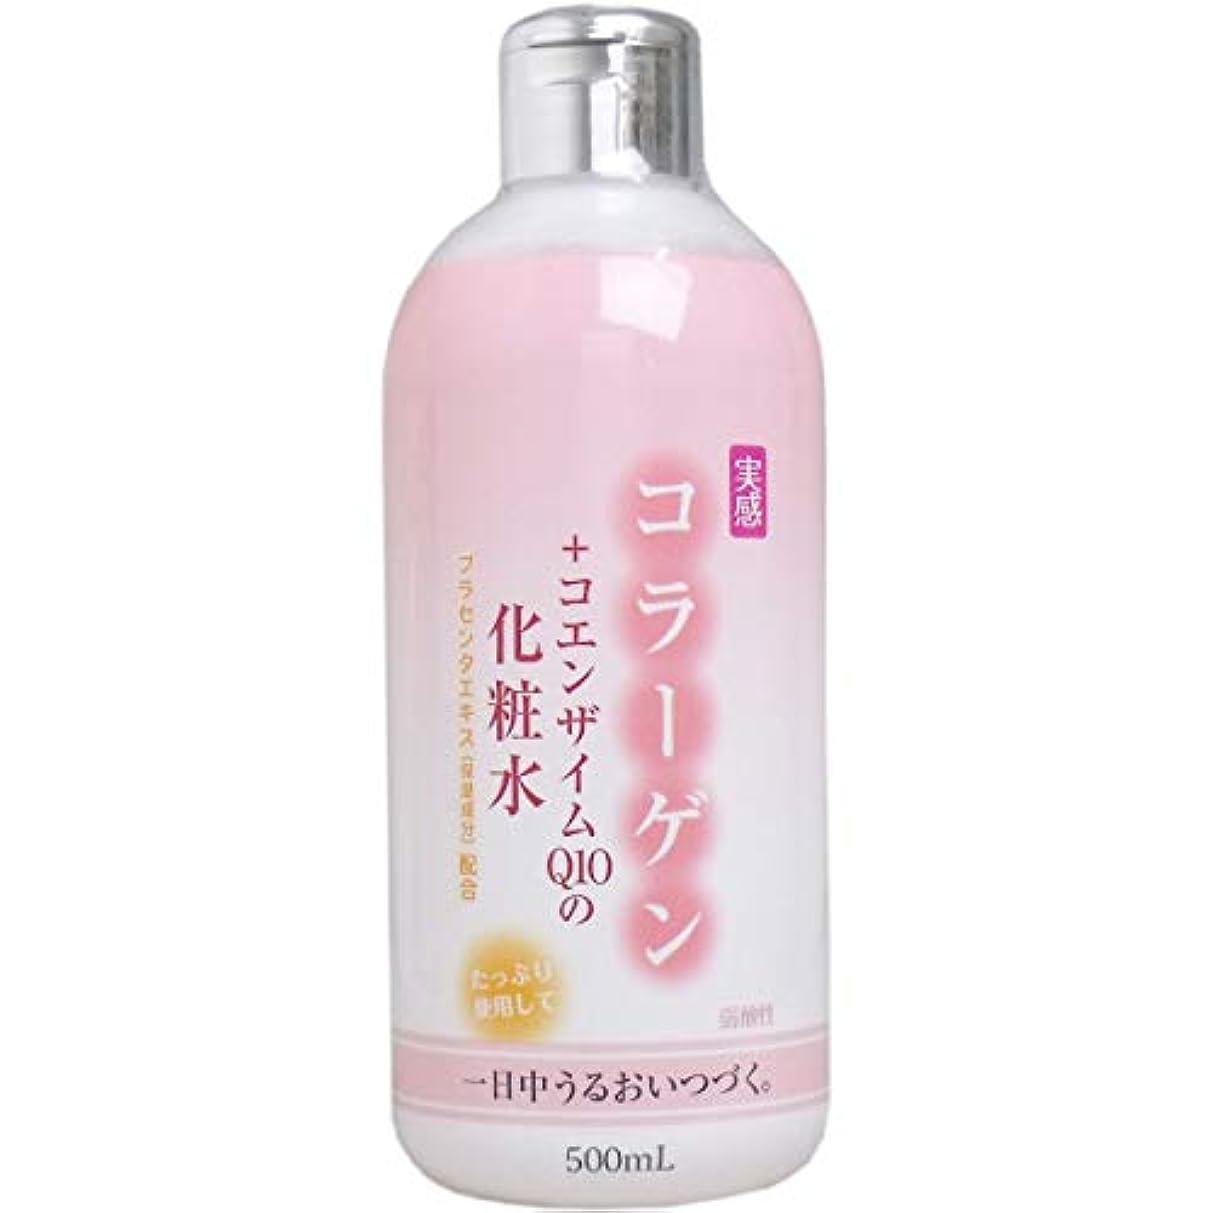 コラーゲン+コエンザイムQ10 化粧水 500mL